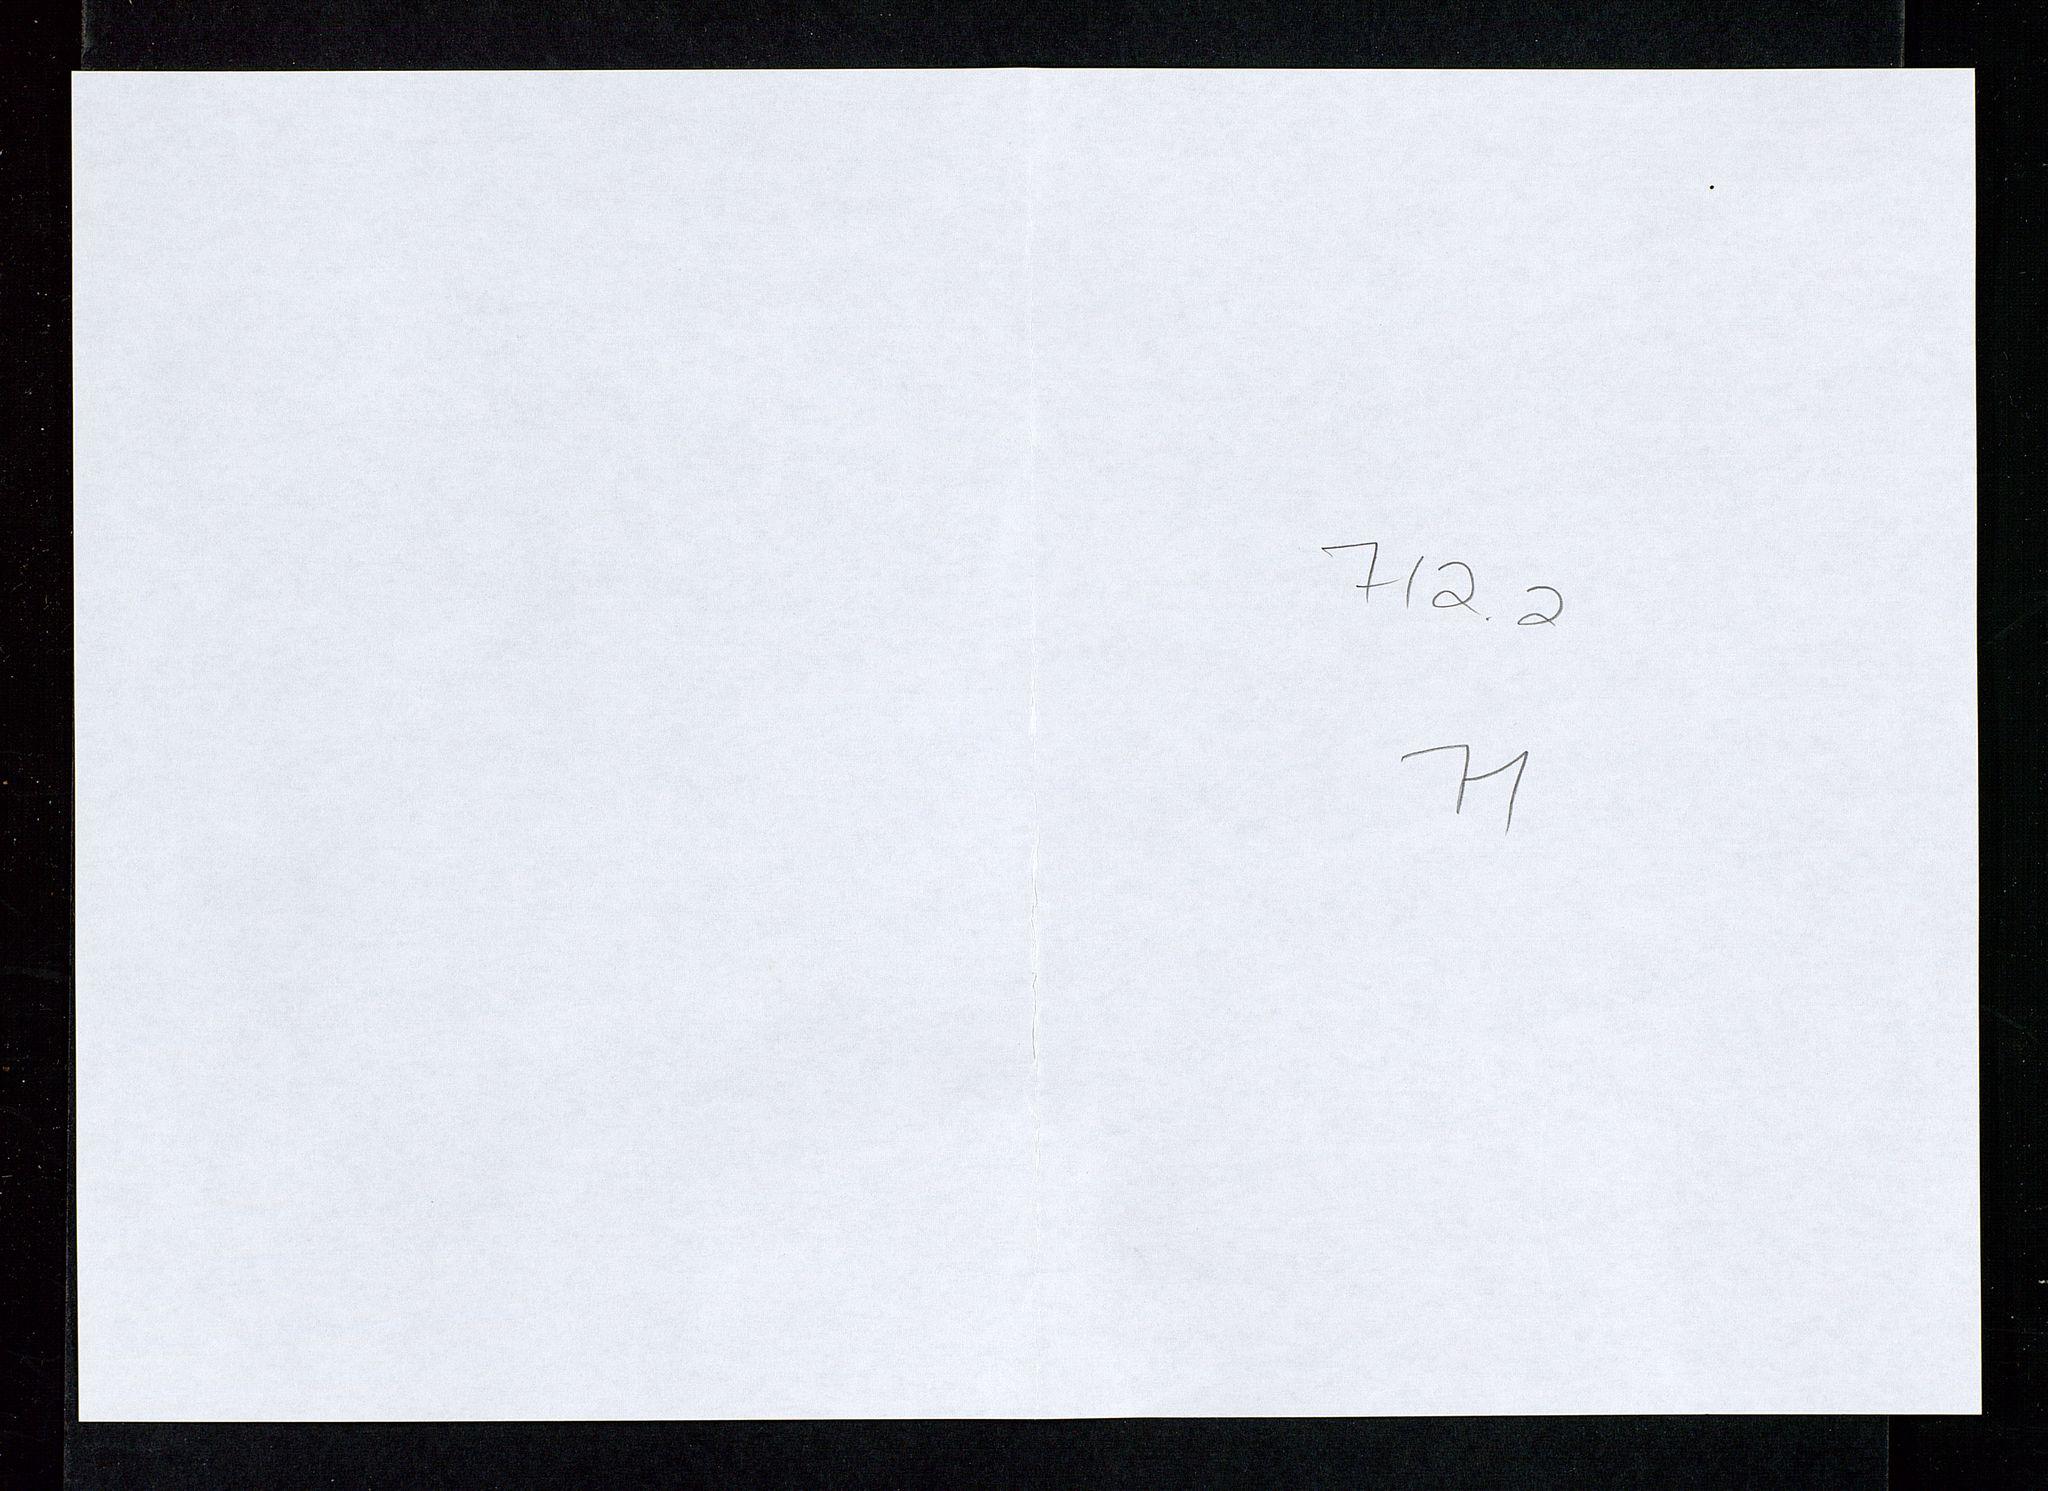 SAST, Industridepartementet, Oljekontoret, Da/L0004: Arkivnøkkel 711 - 712 Utvinningstillatelser, 1970-1971, s. 350